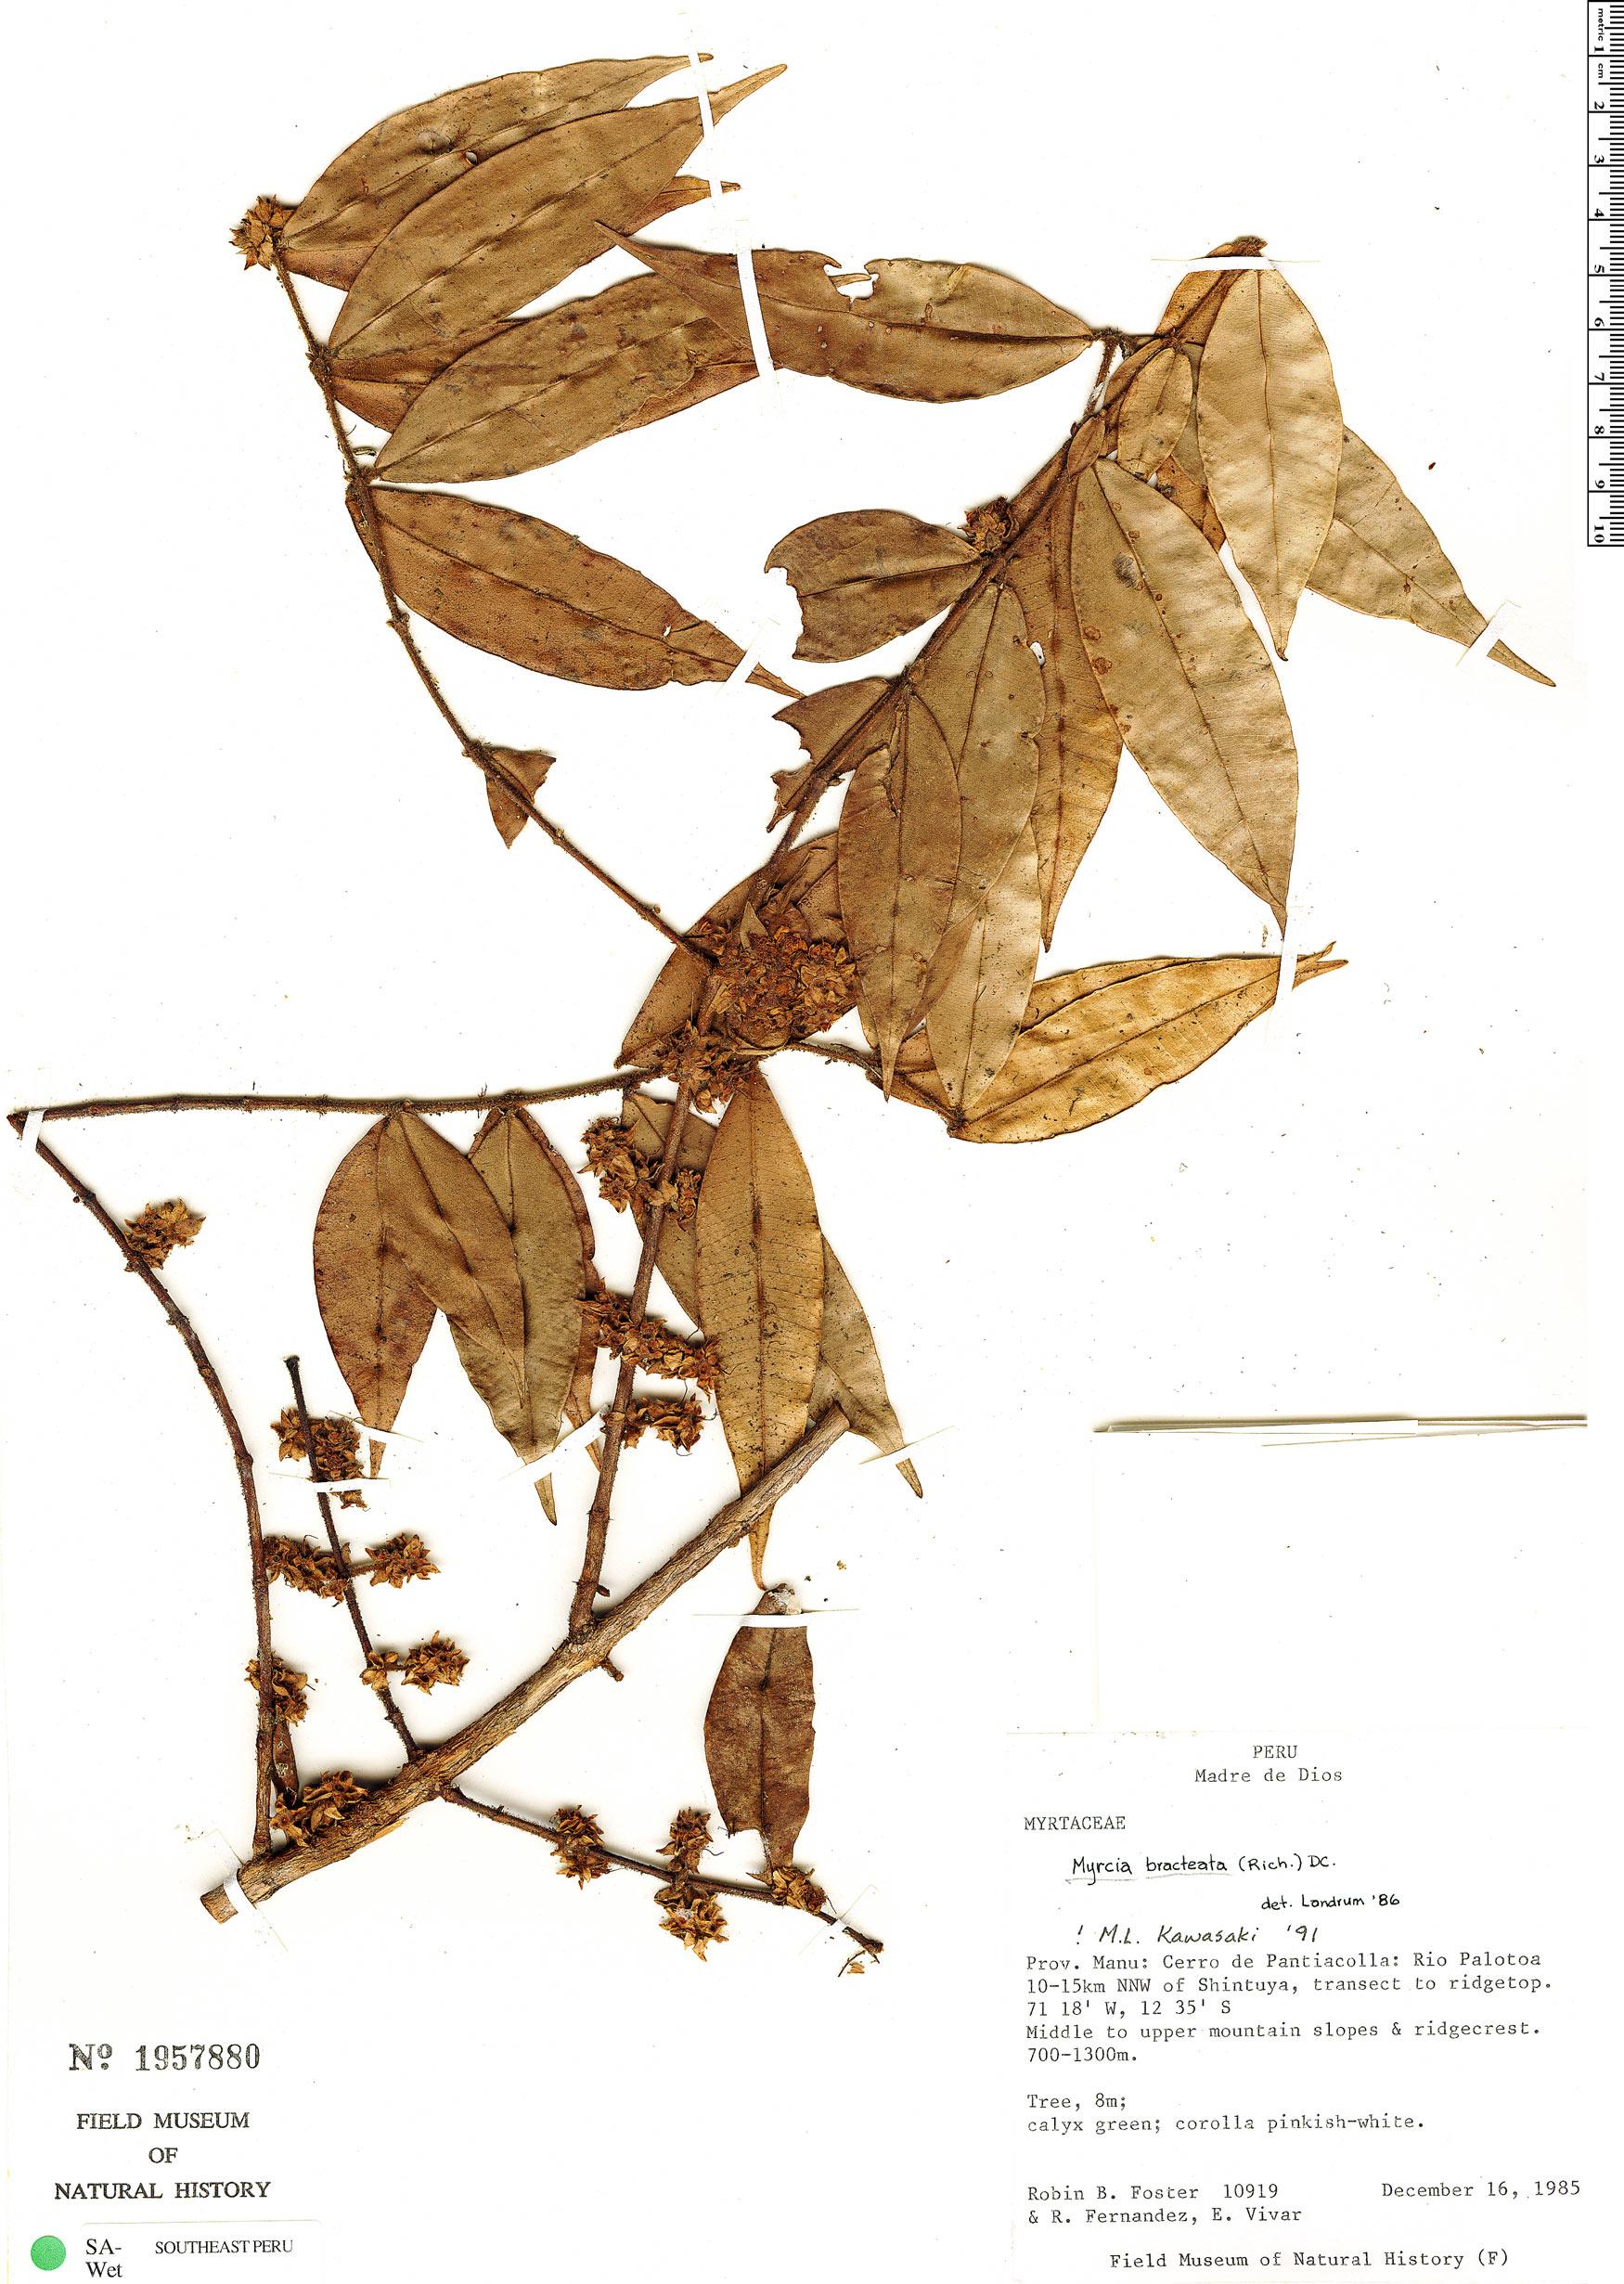 Specimen: Myrcia bracteata